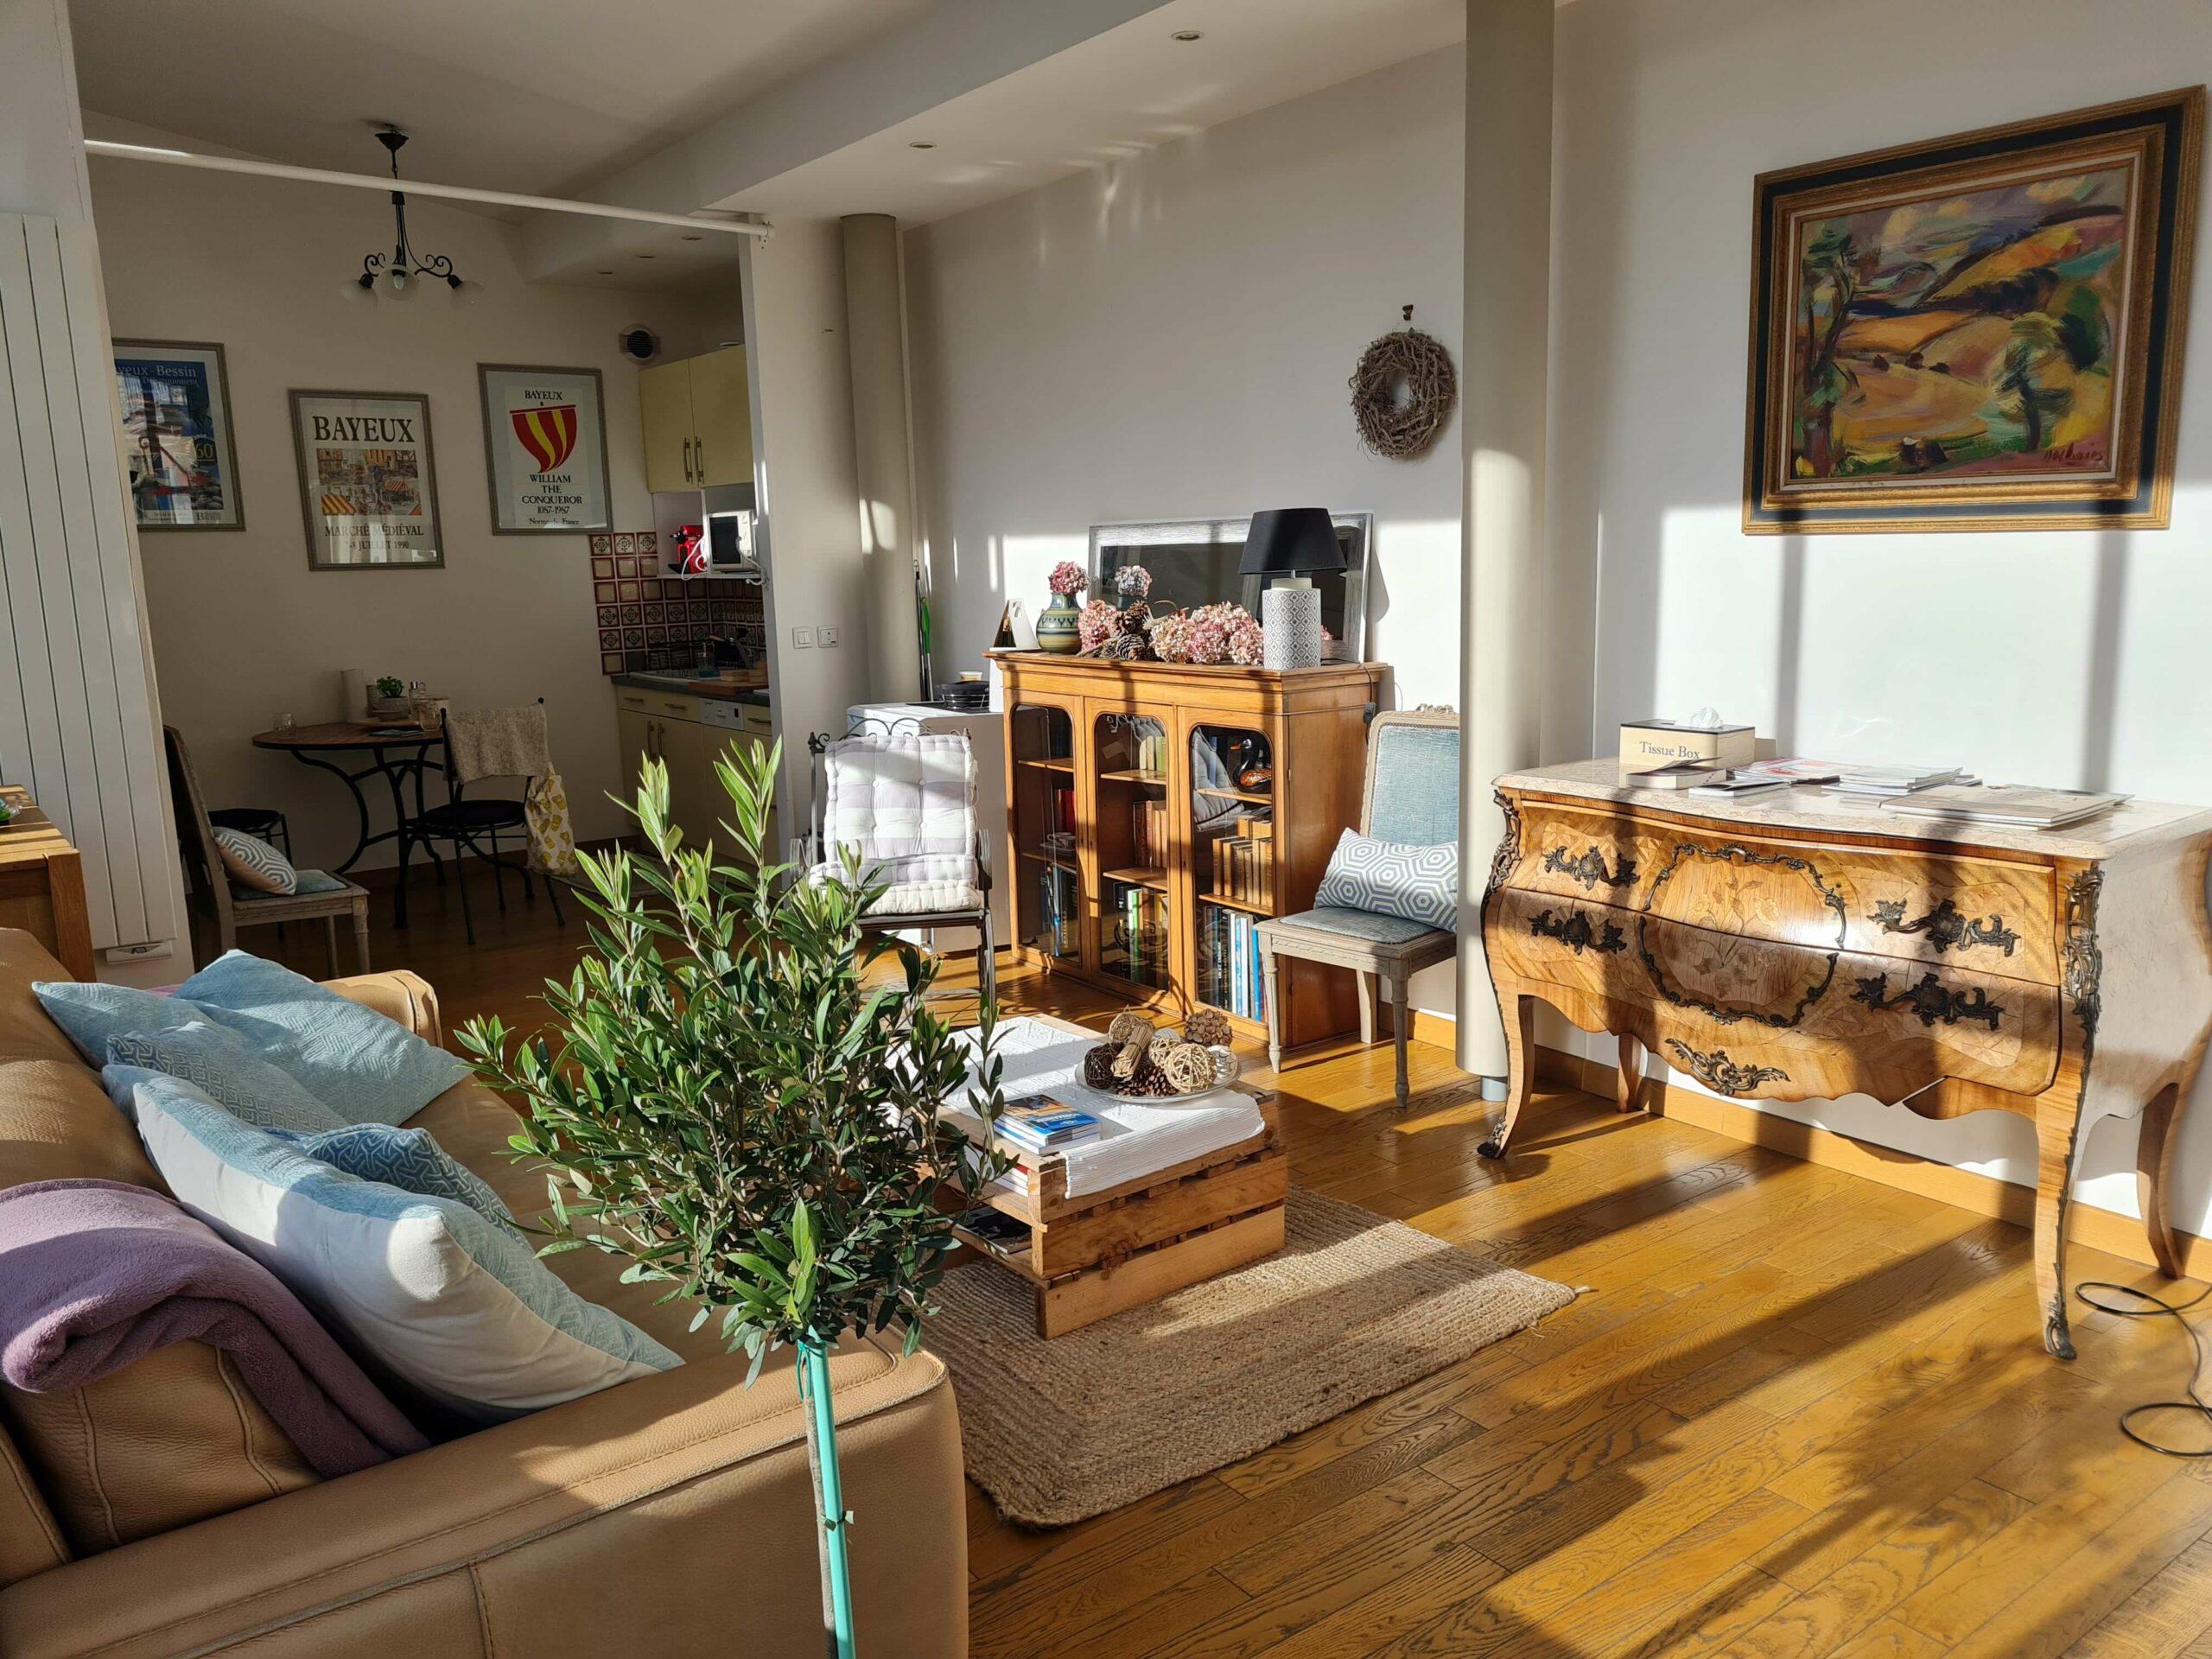 20210213 143317 copie scaled - Airbnb Tour : visite privée d'une tiny house à Bayeux